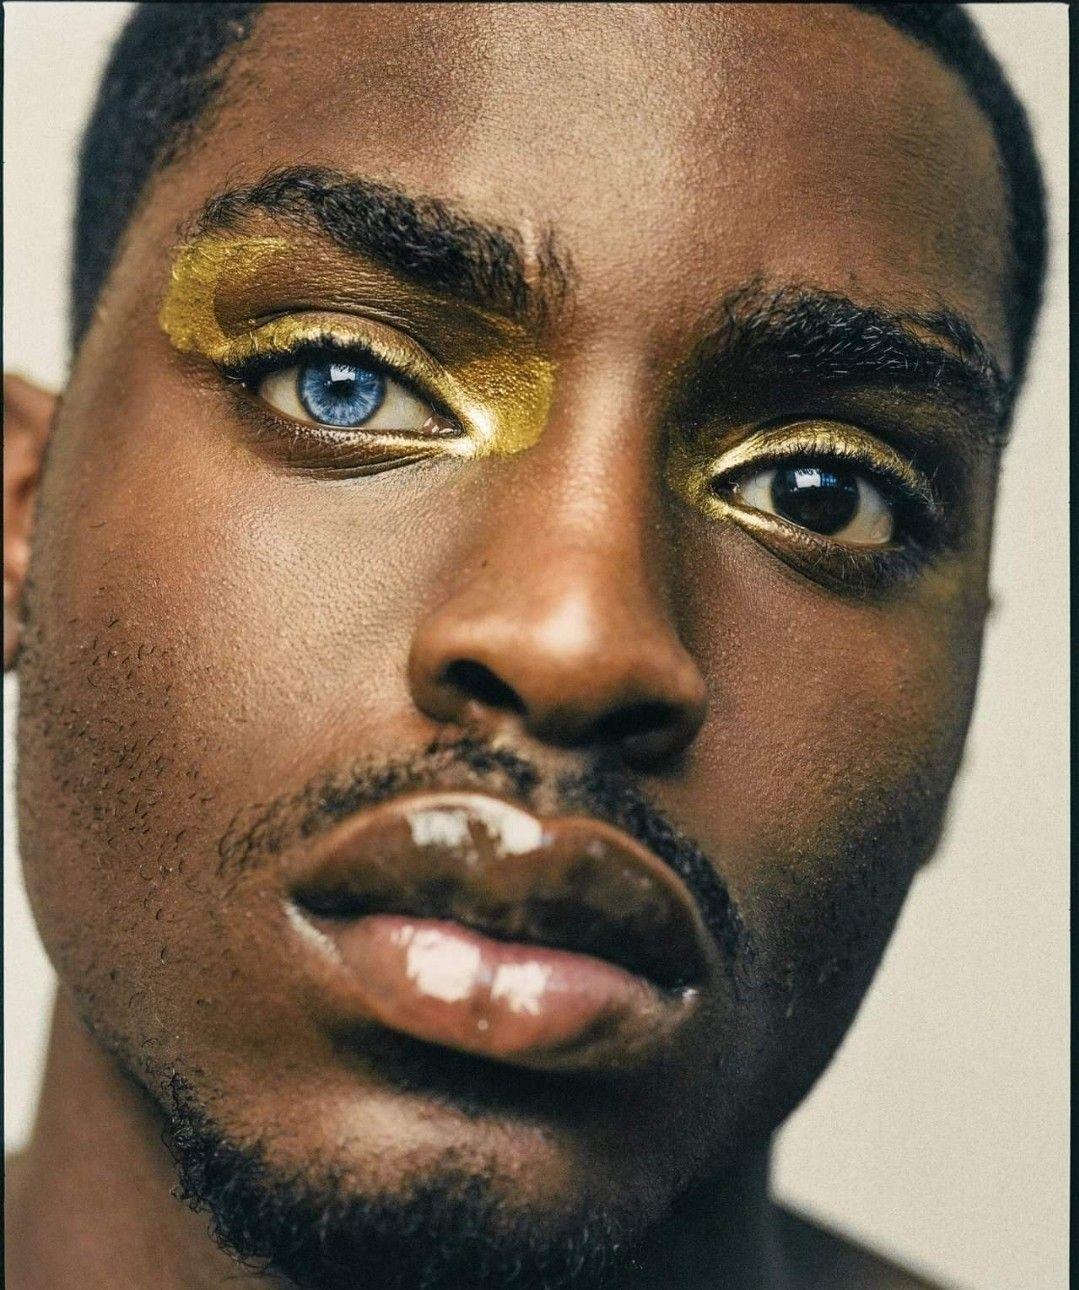 Blue Eyed Black man | Men wearing makeup, Gold makeup